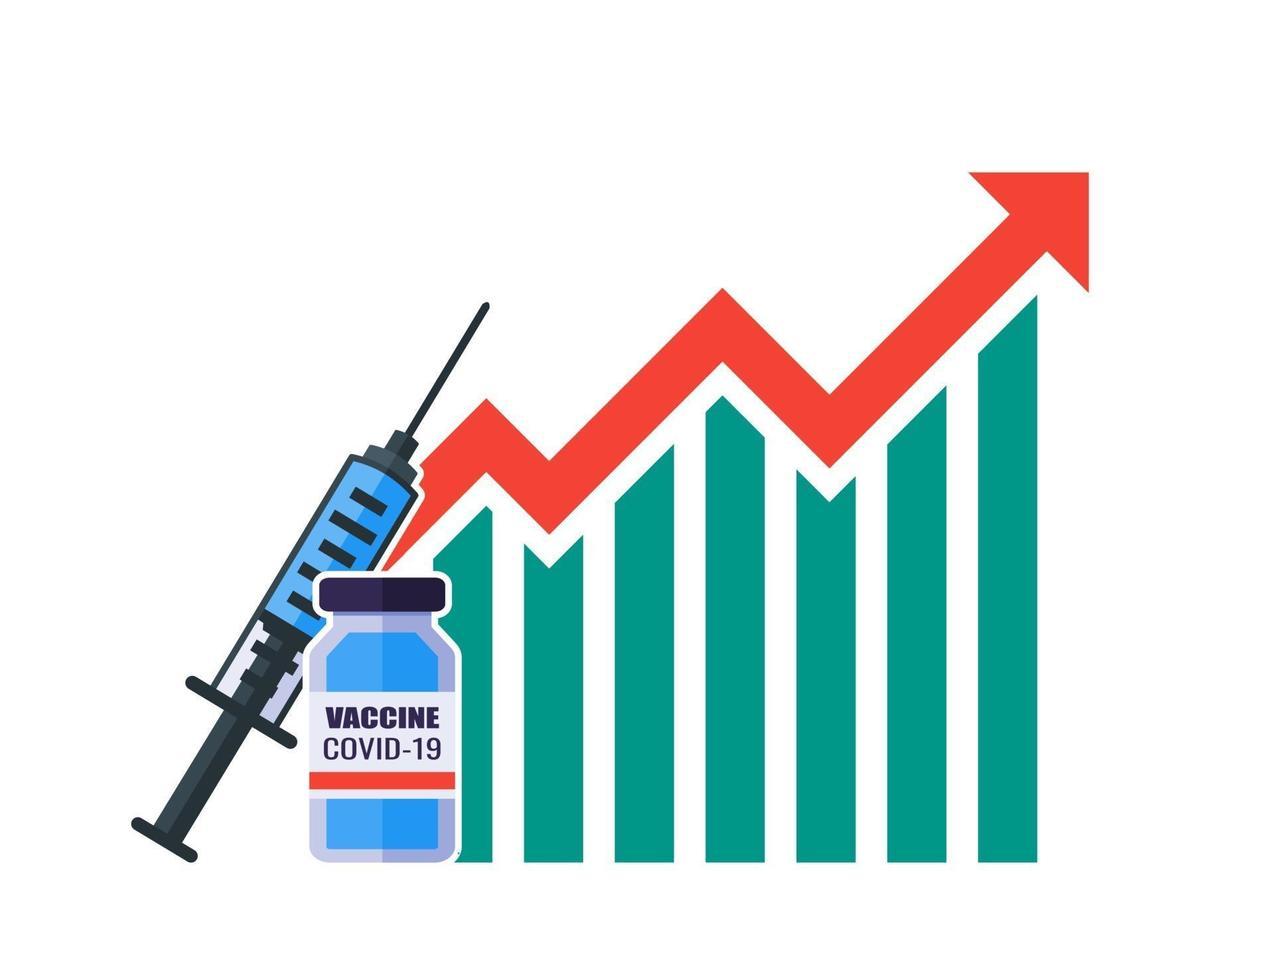 Preço da vacina covid-19 sobe vetor